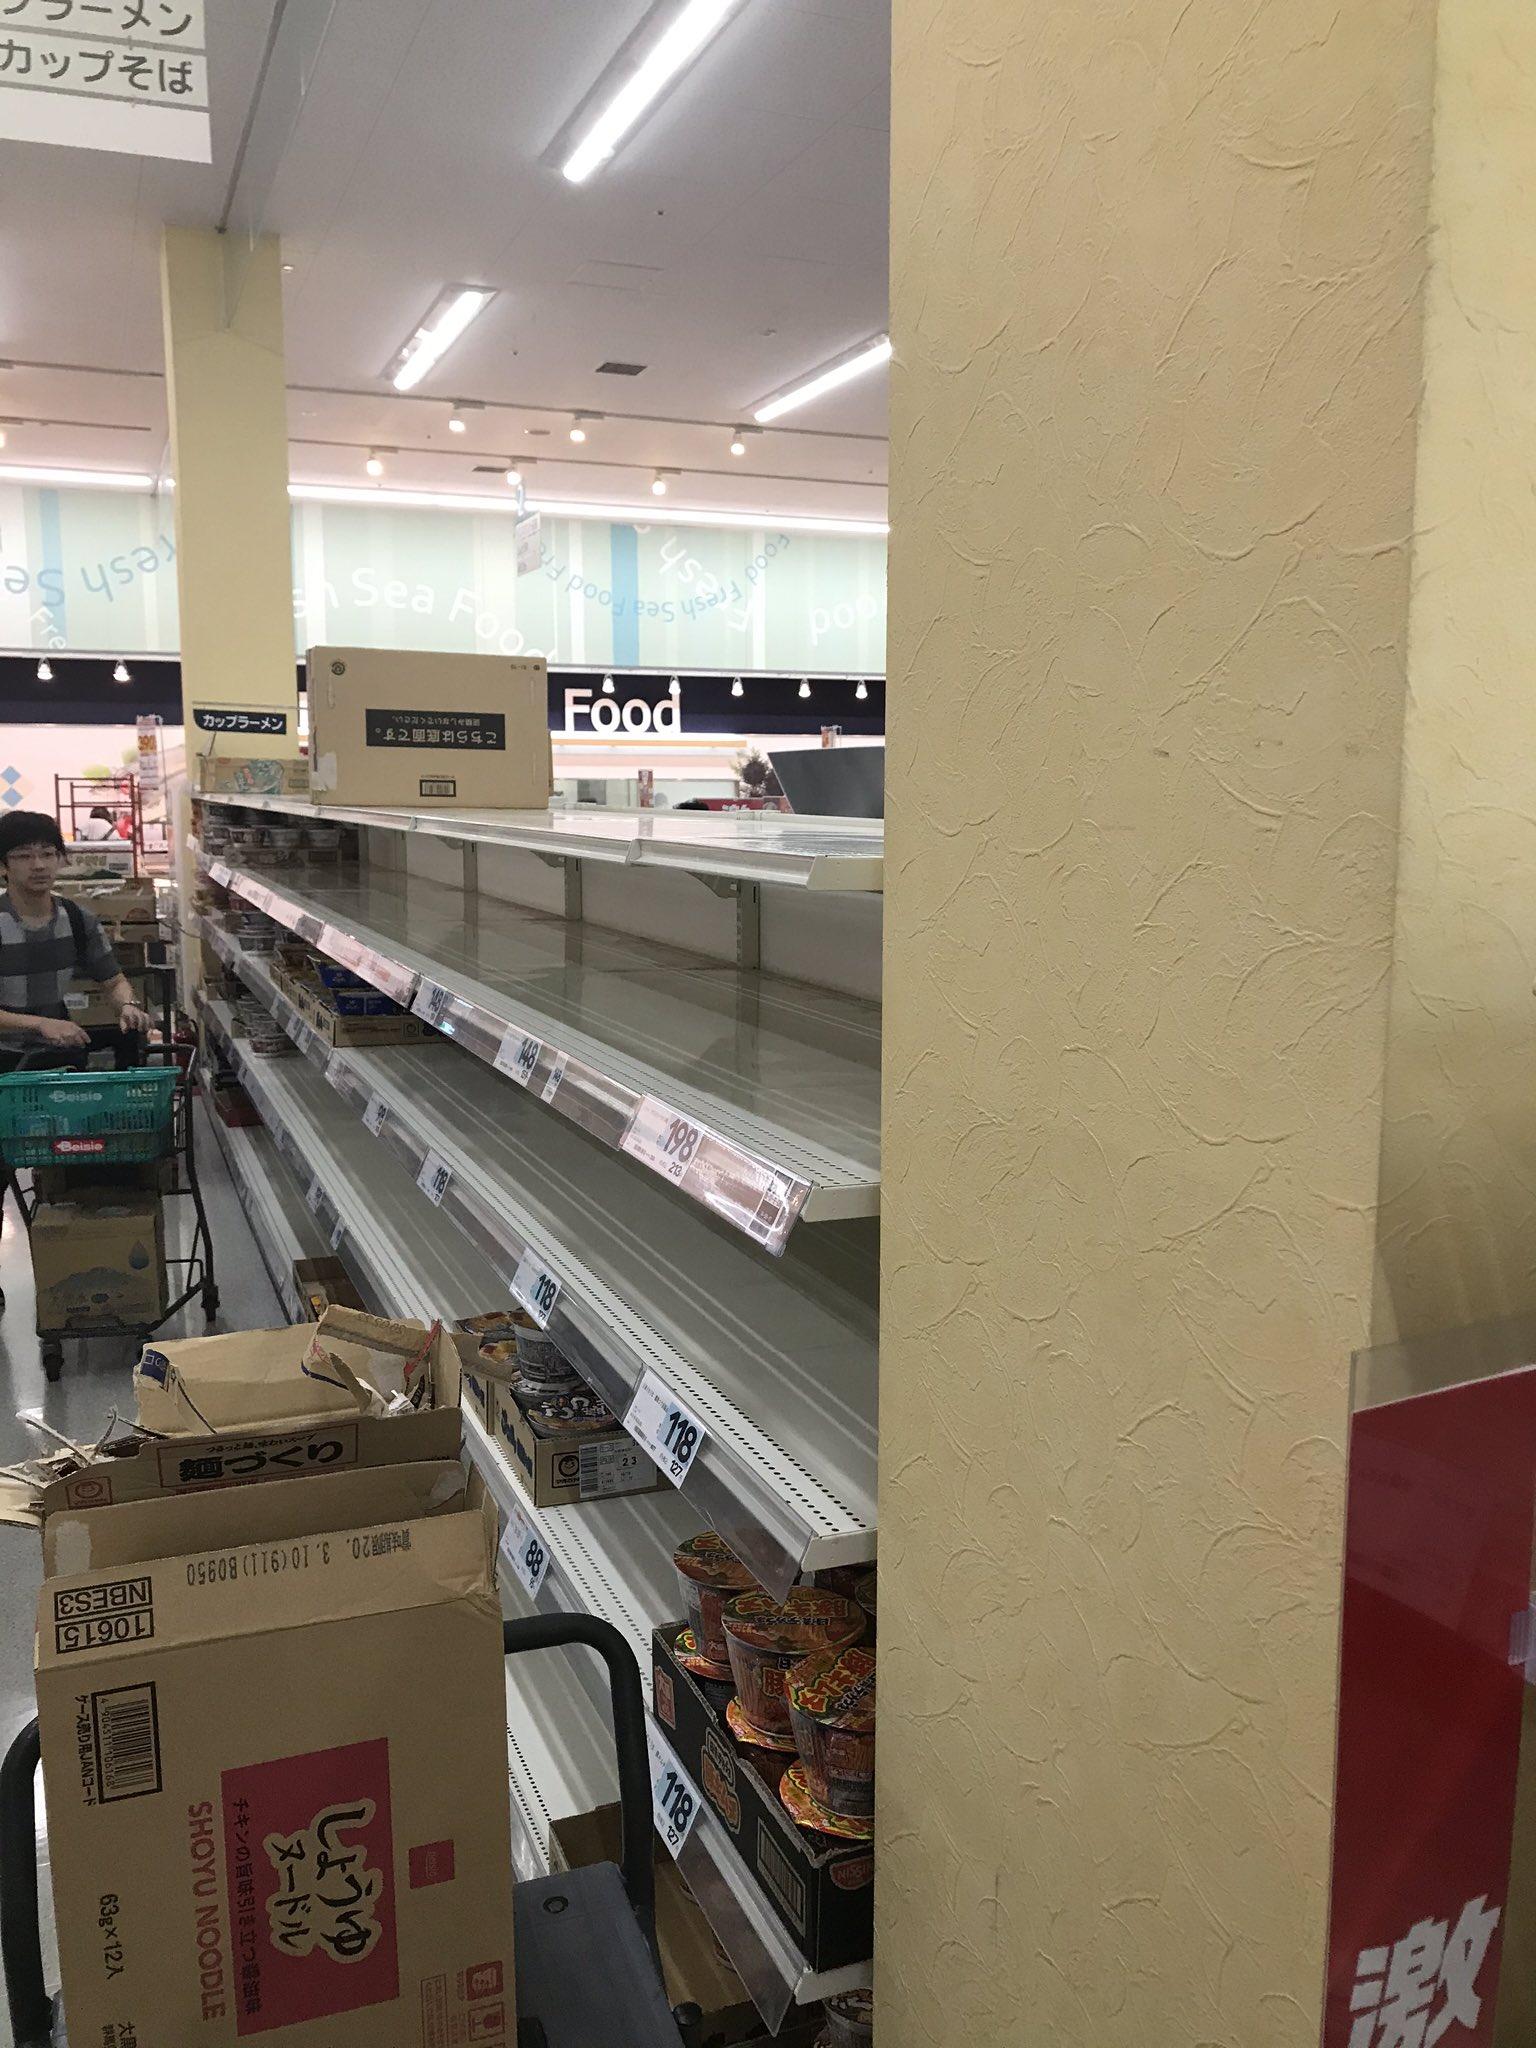 画像,因みに今日の千葉県の朝のスーパーのカップラーメンの棚はこんな感じです。昨日まではいっぱいあったのに。 https://t.co/18xIdnNFaS…